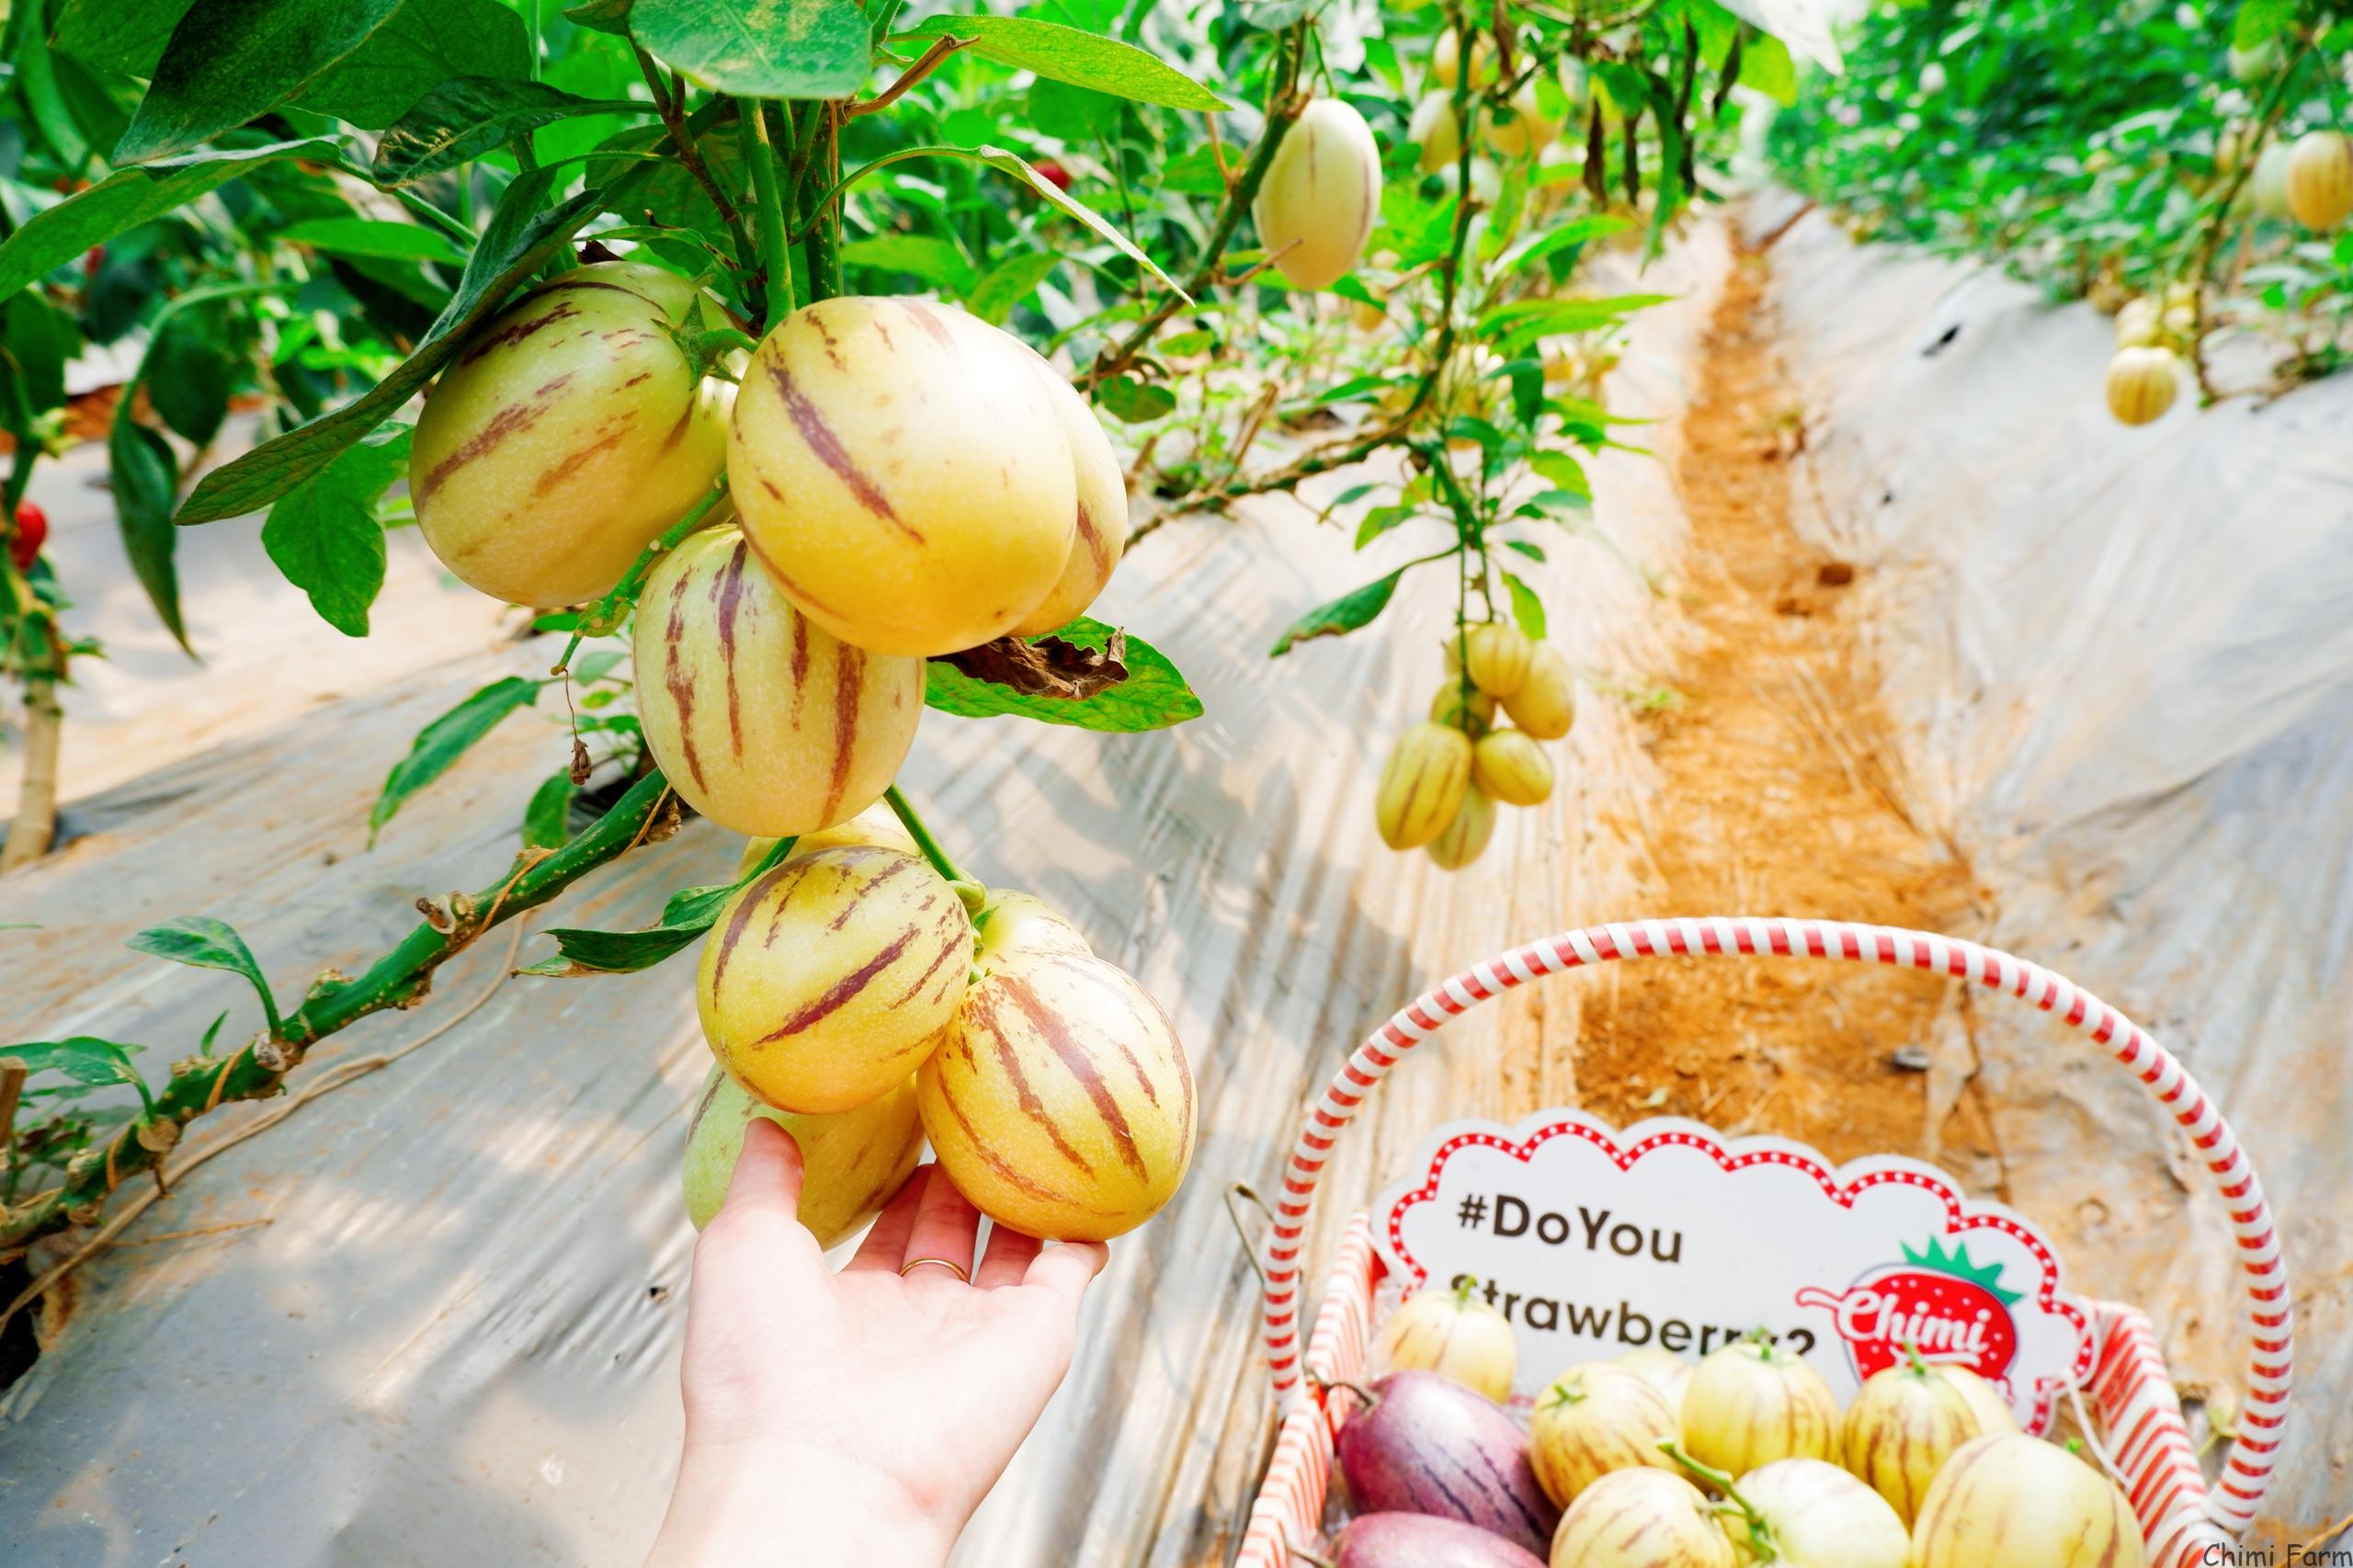 Những trái dưa pepino Nam Mỹ sai trĩu quả